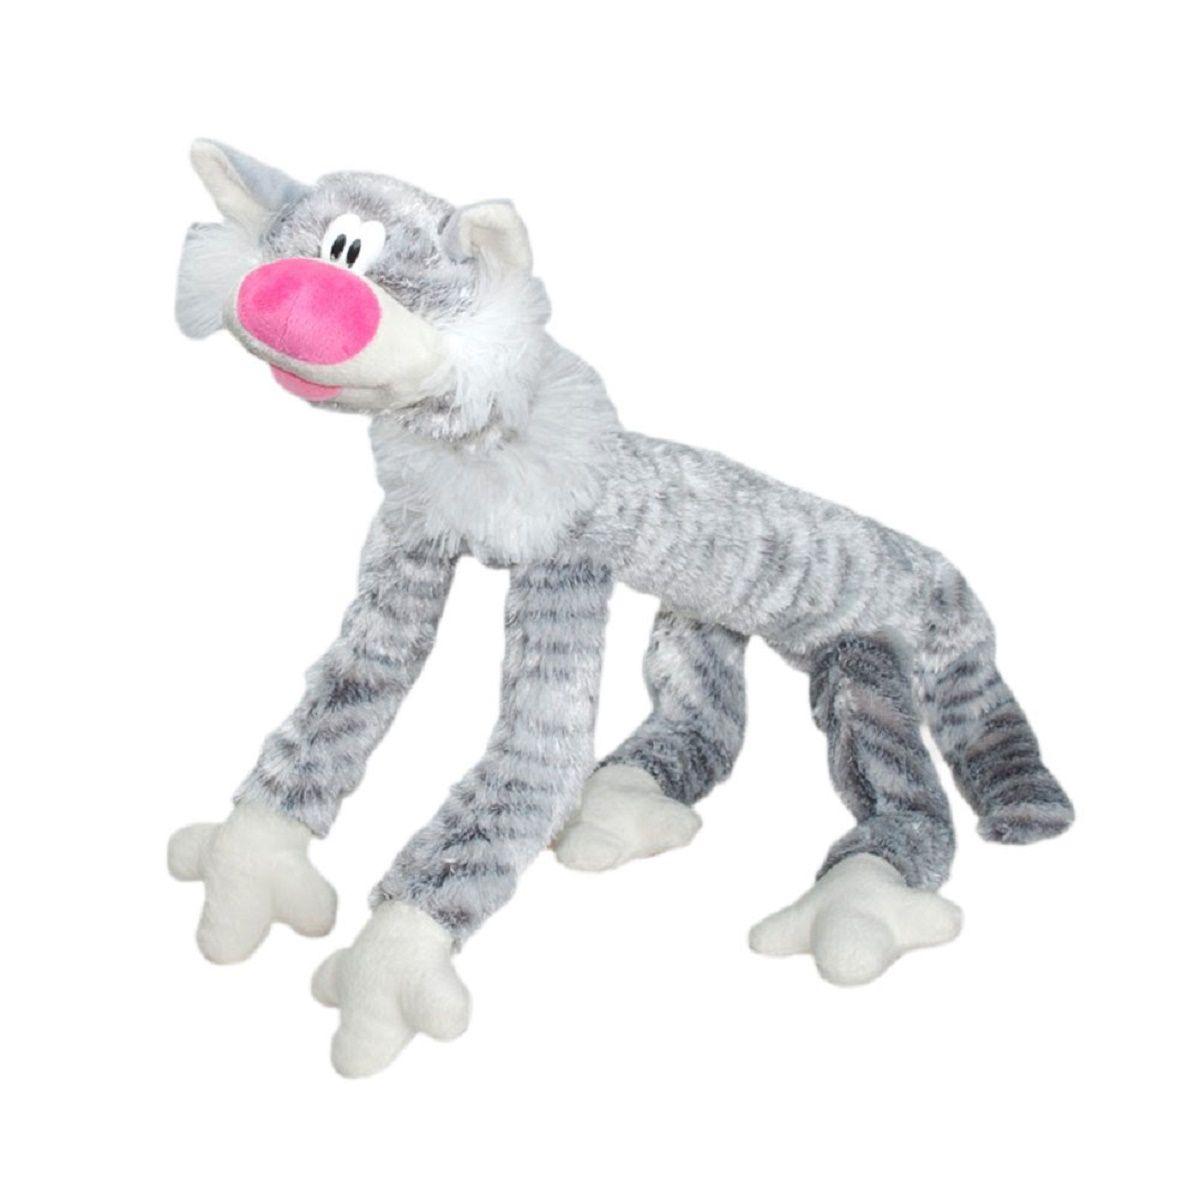 Fancy Мягкая игрушка Кот Бекон 60 смKT01SИгрушка мягконабивная.